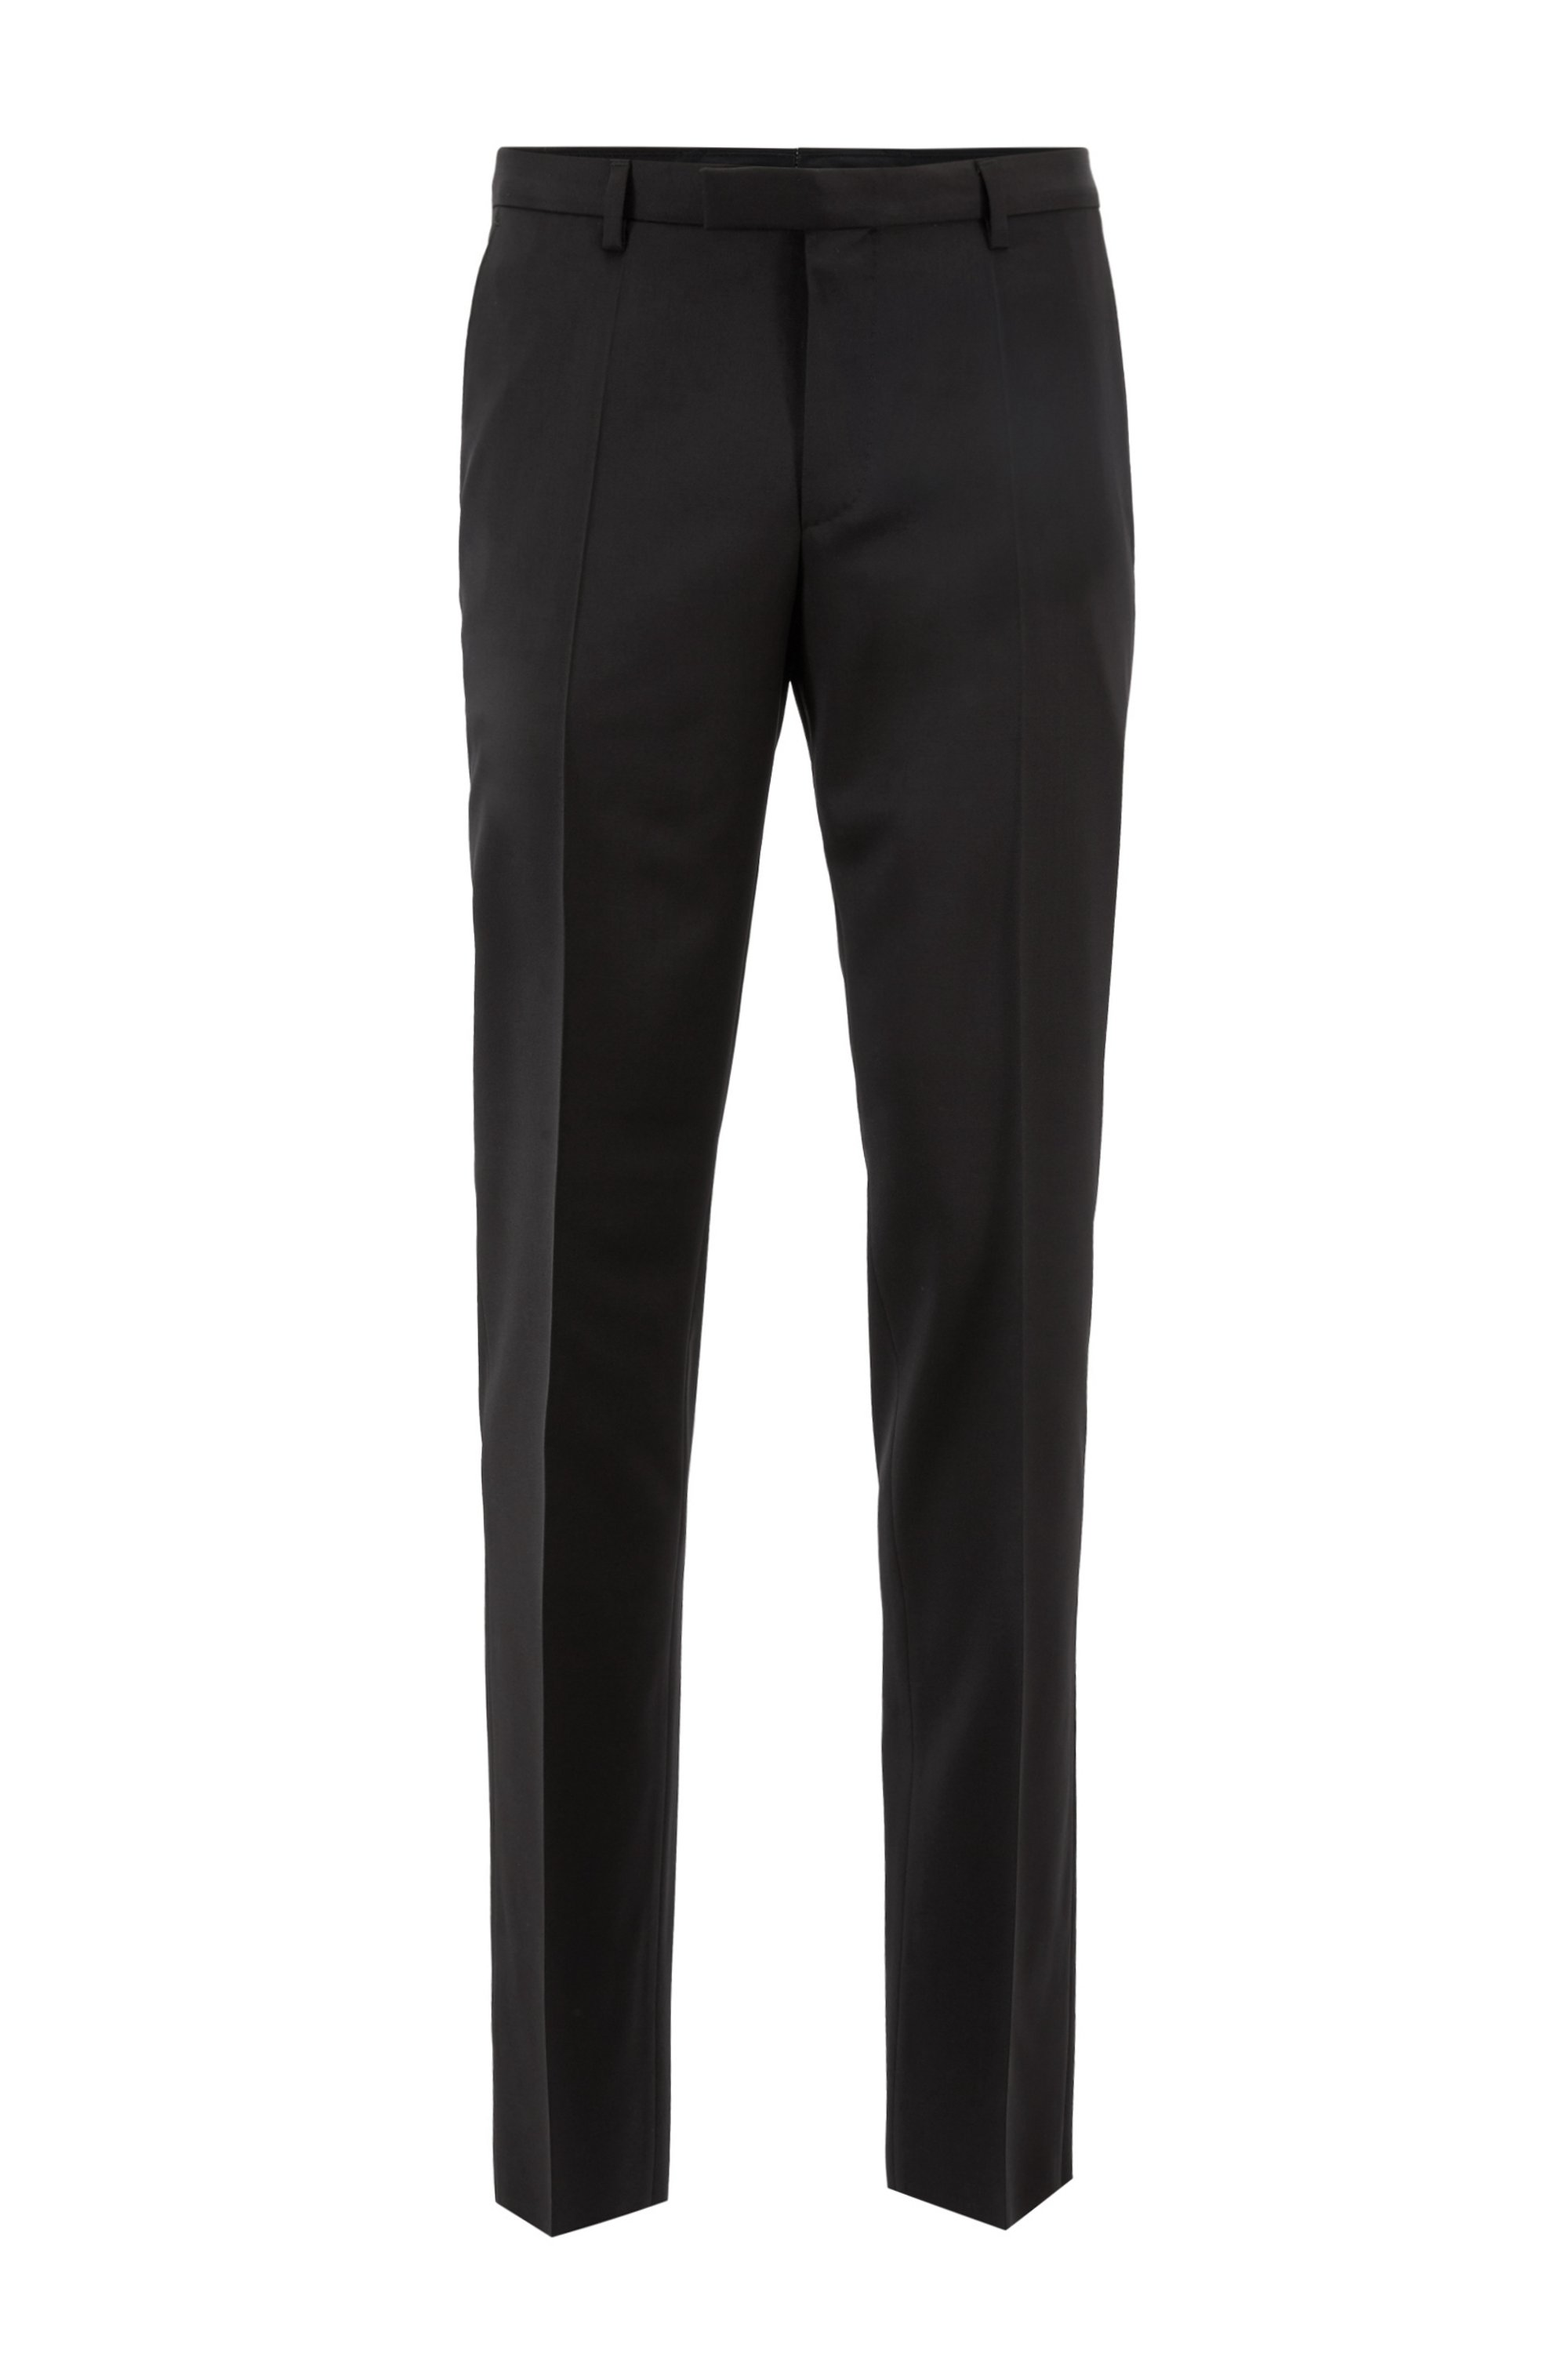 Straight-leg business pants in virgin wool, Black